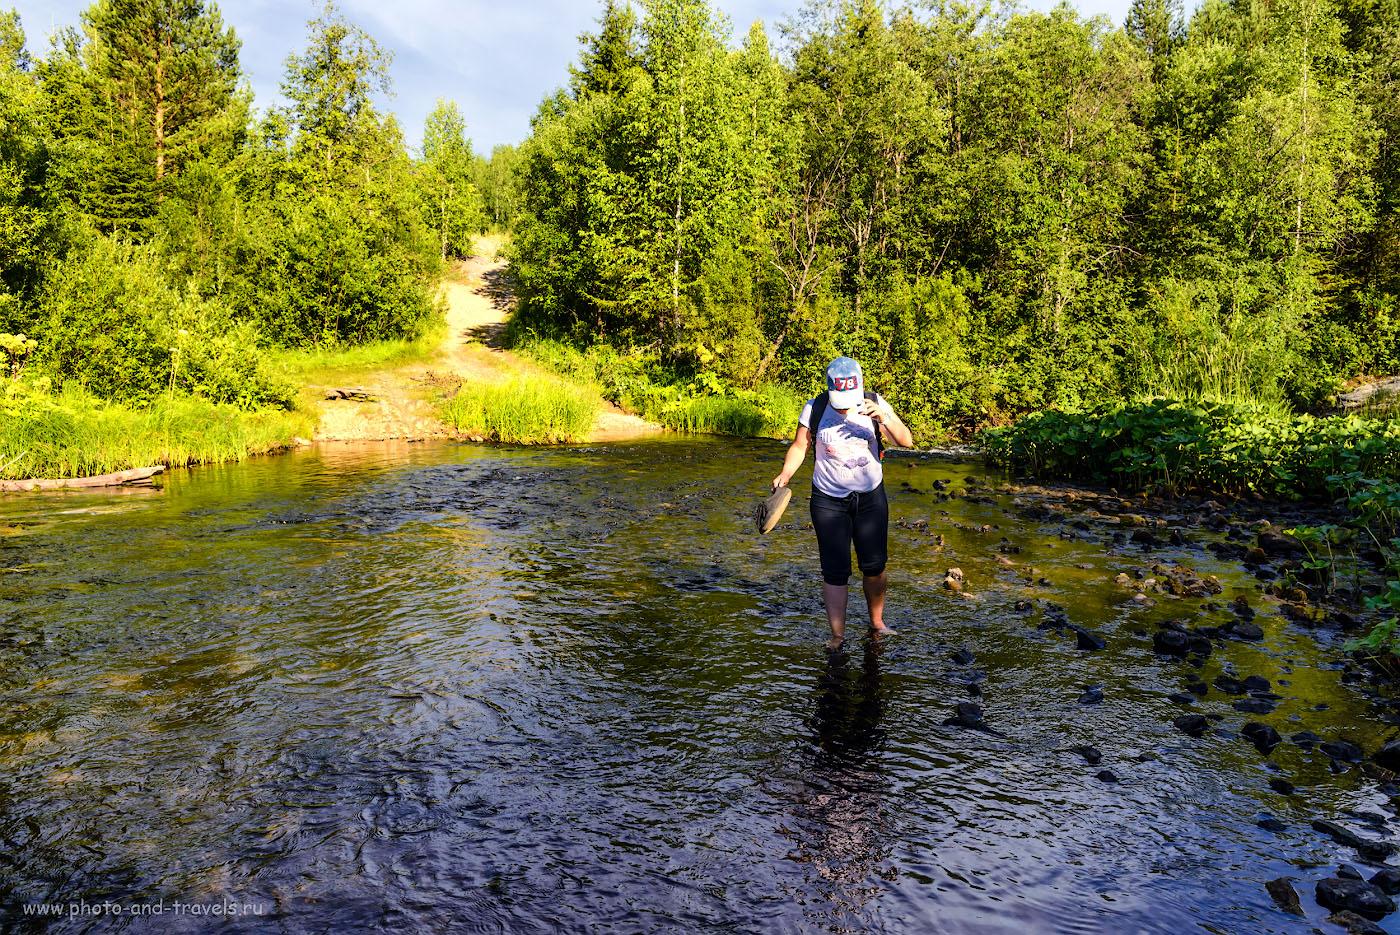 Фото 17. Чтобы добраться до озера Бездонное, придется пройти вброд. 1/400, -1.0, 8.0, 320, 28.